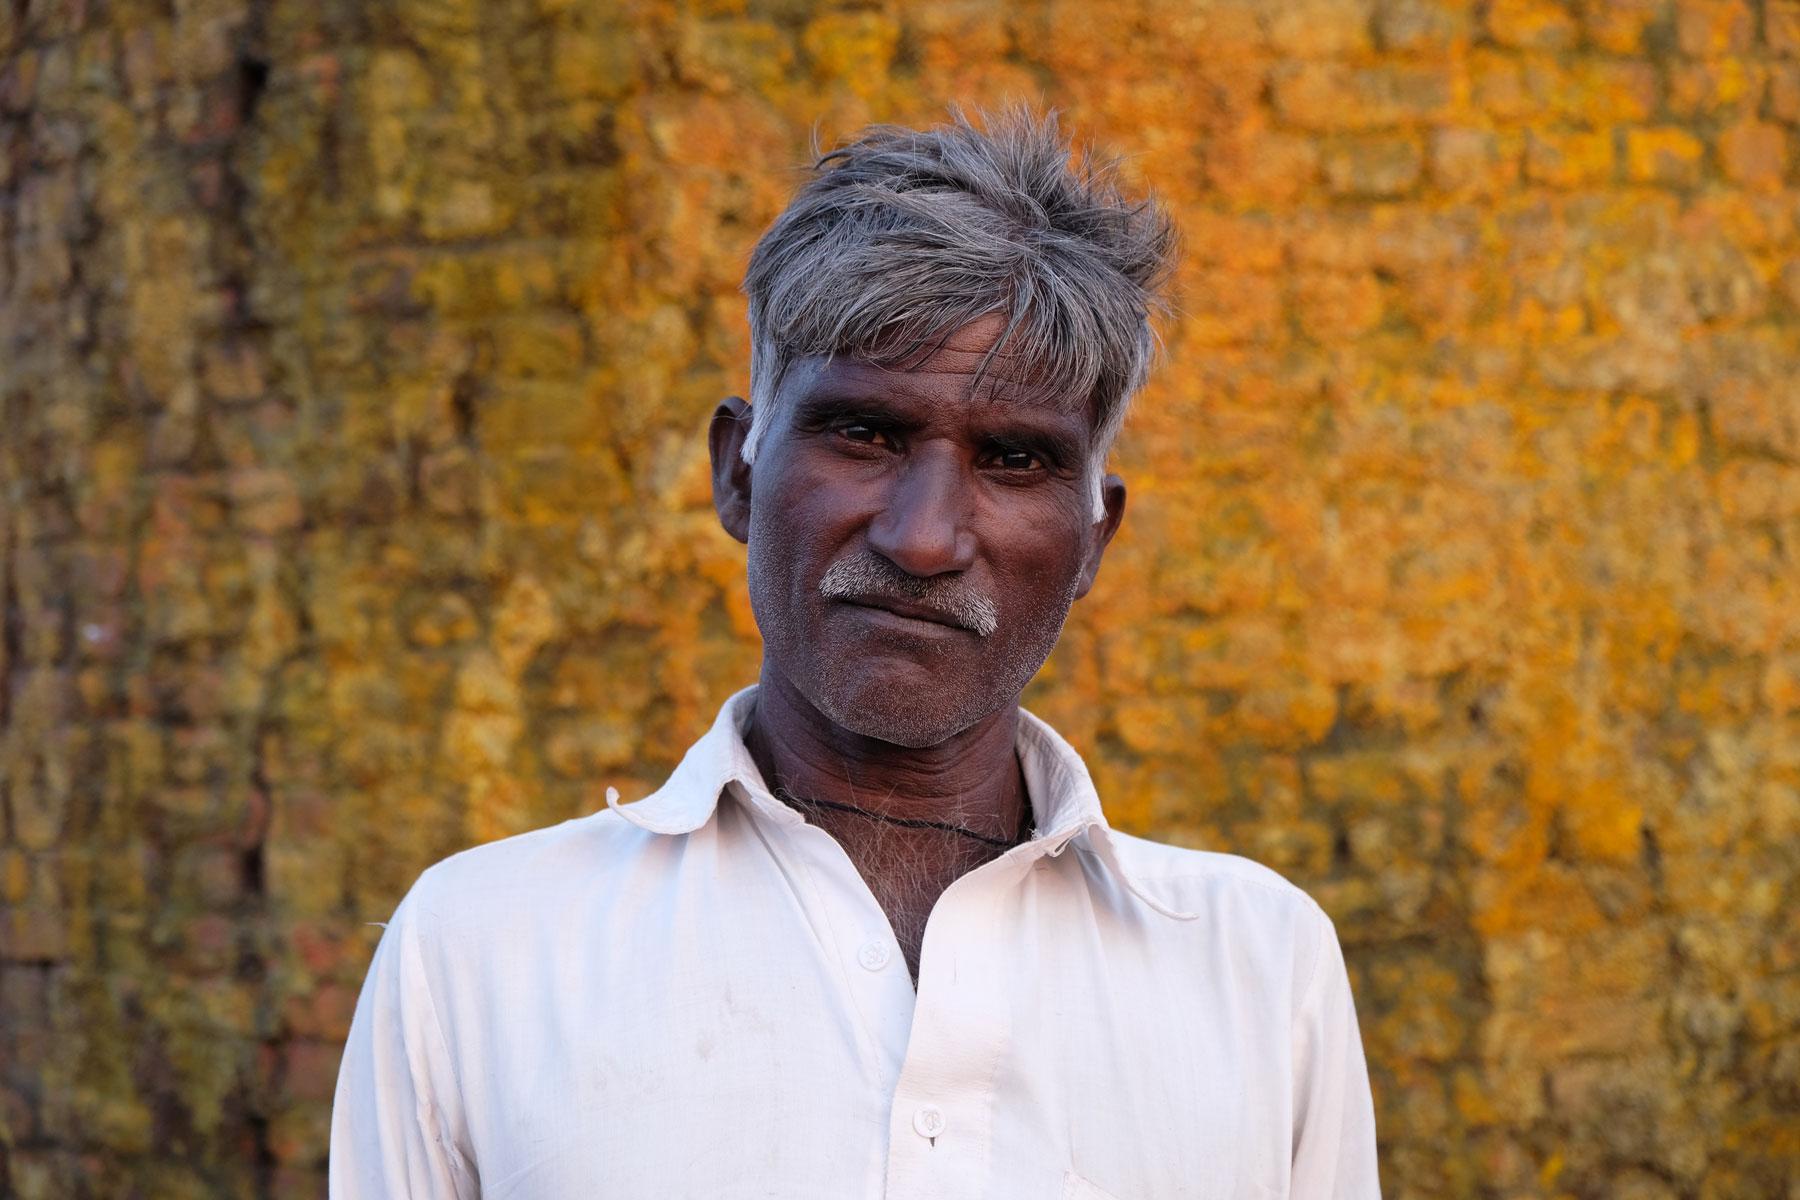 Ein Pakistaner vor dem Schornstein einer Ziegelbrennerei.